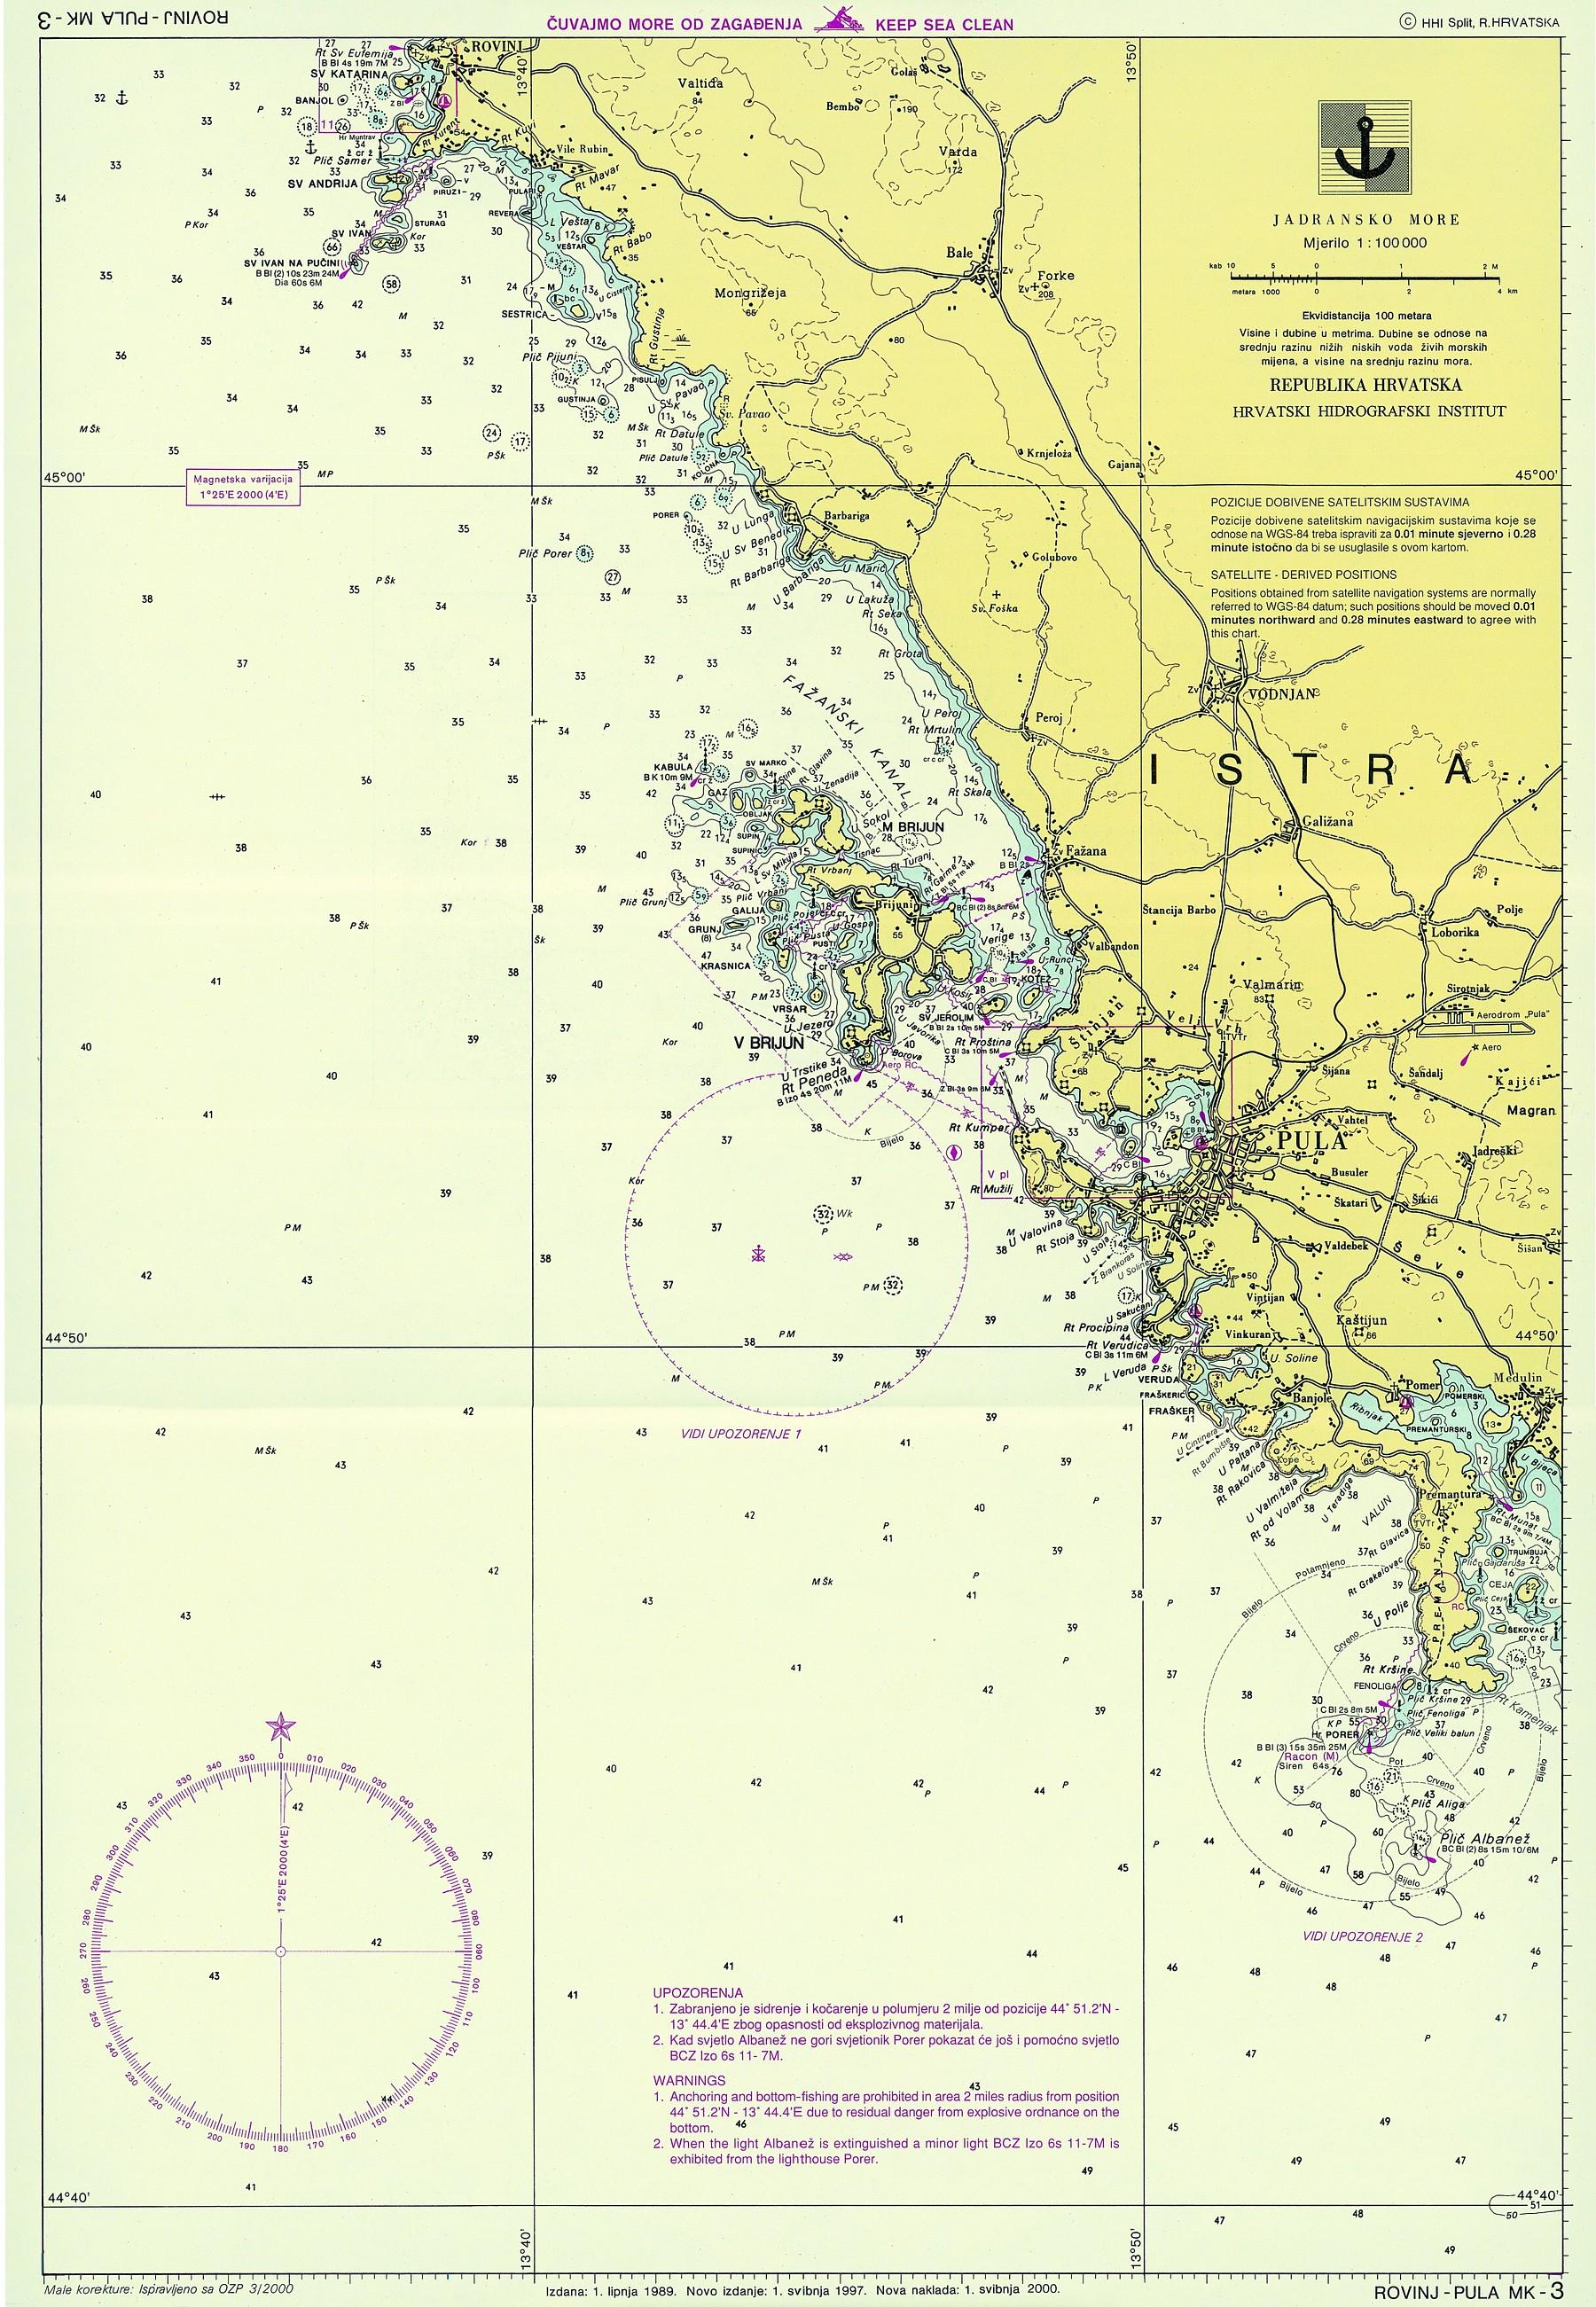 Nautische Karten In Kroatien Vakance Charter